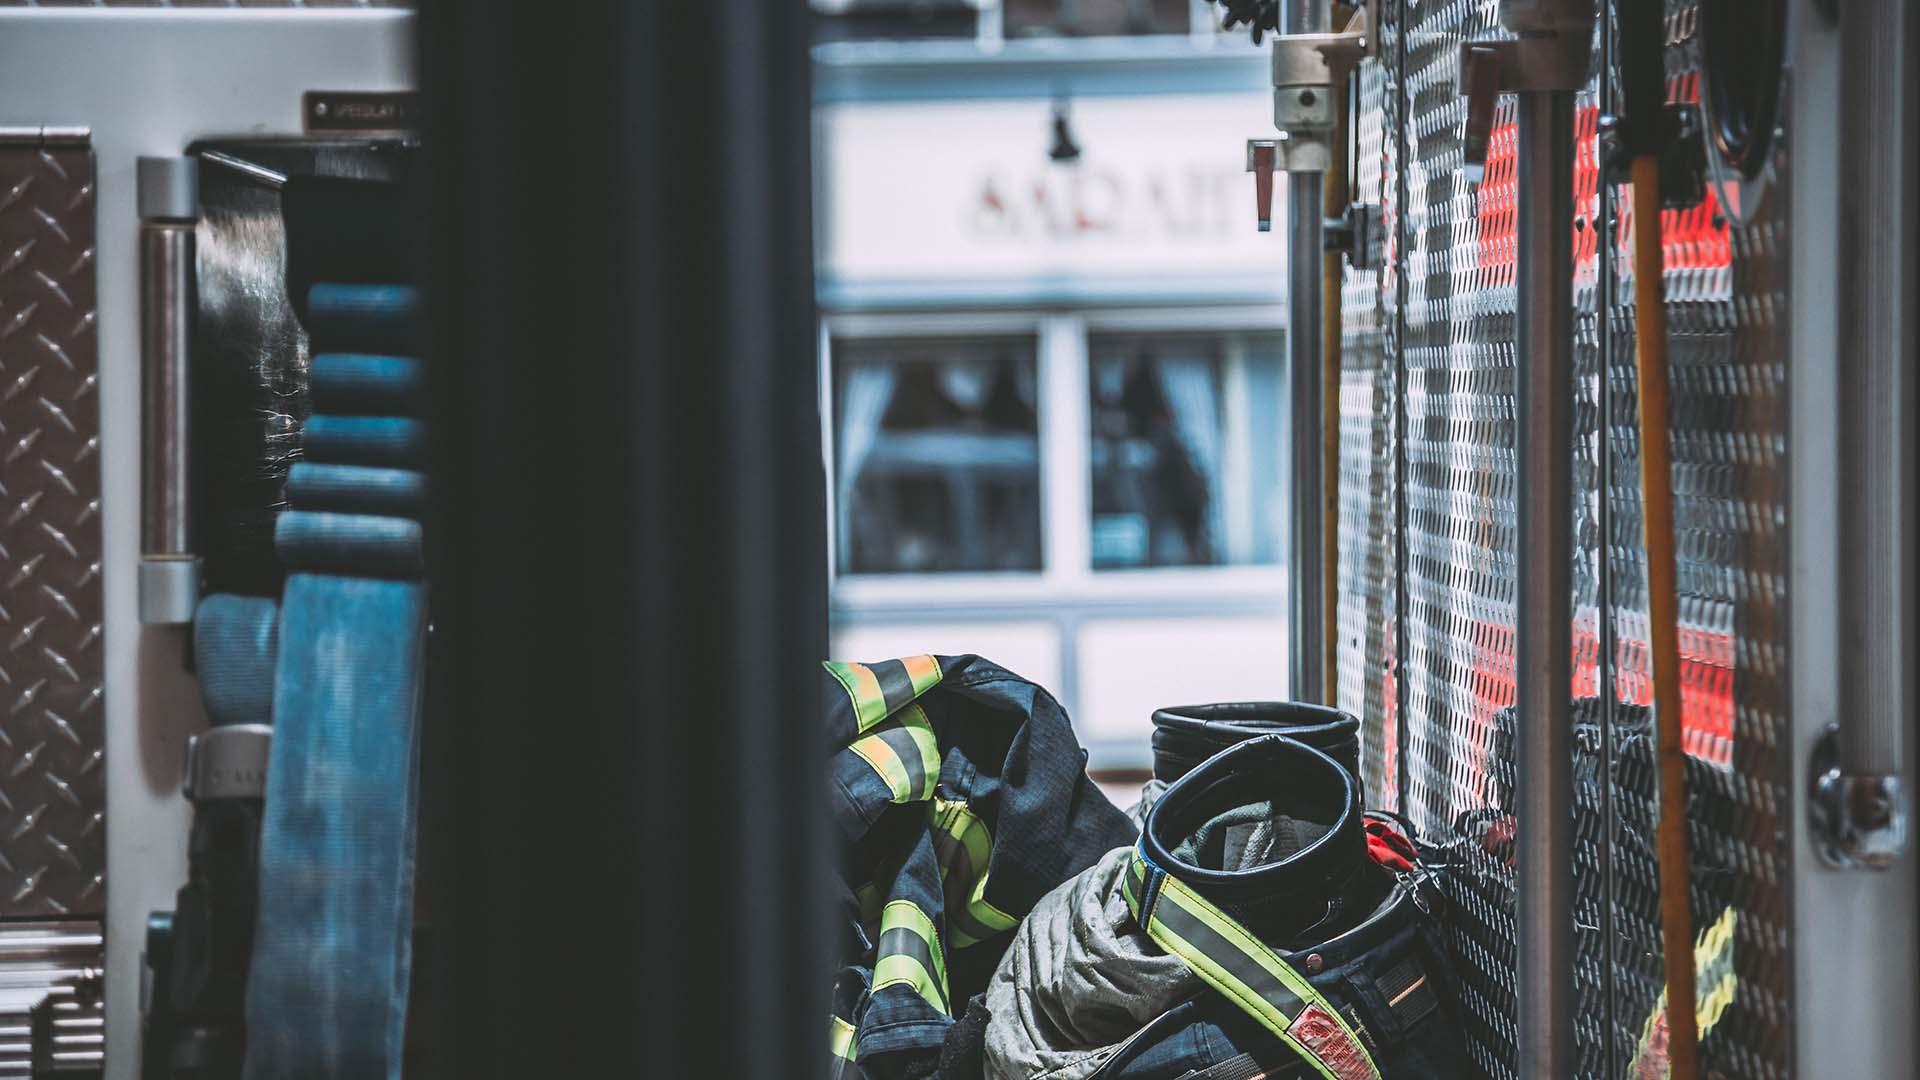 progettazione impianti antincendio per ospedali, strutture ricettive, industria cantieri eliporti